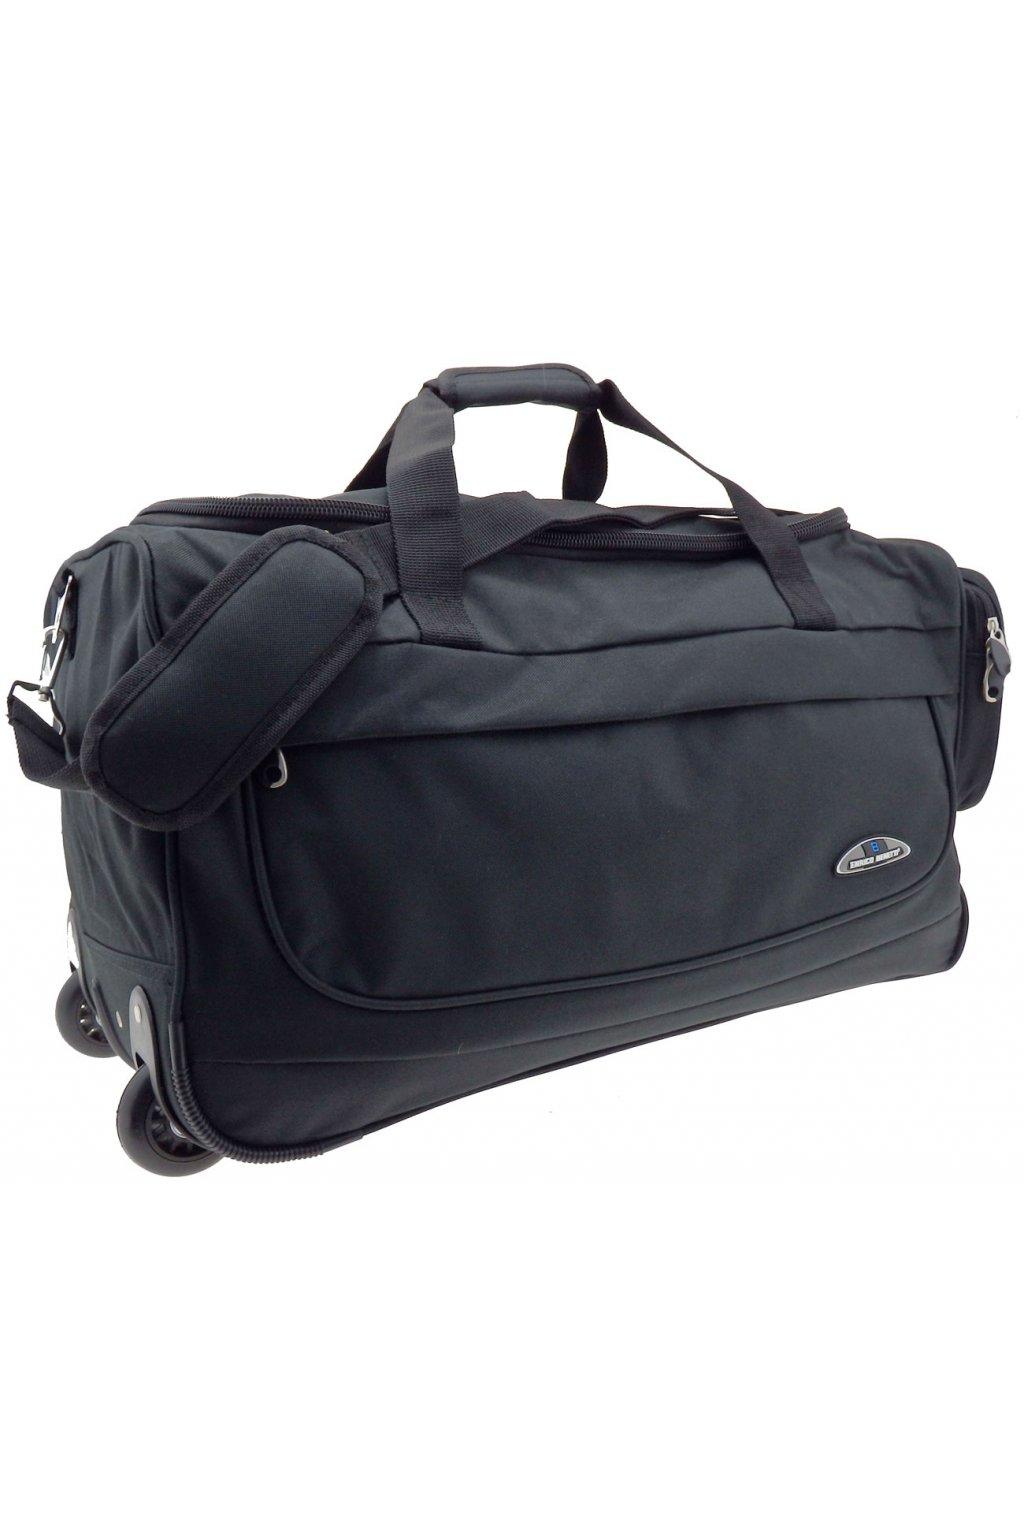 cestovni taska ct03 35304 c